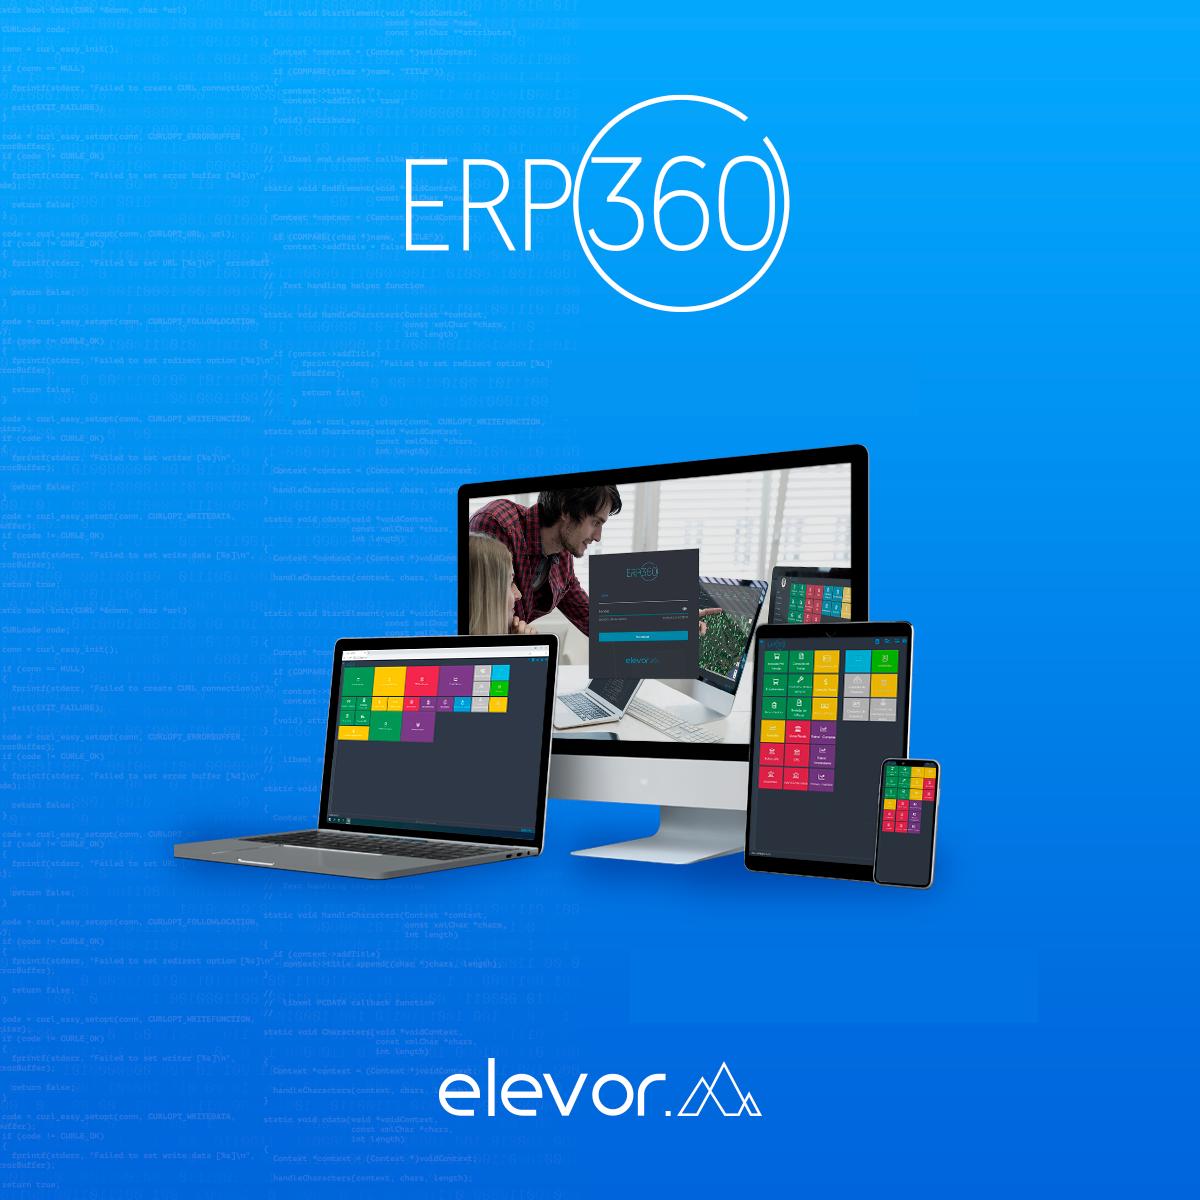 6 motivos para escolher o ERP360